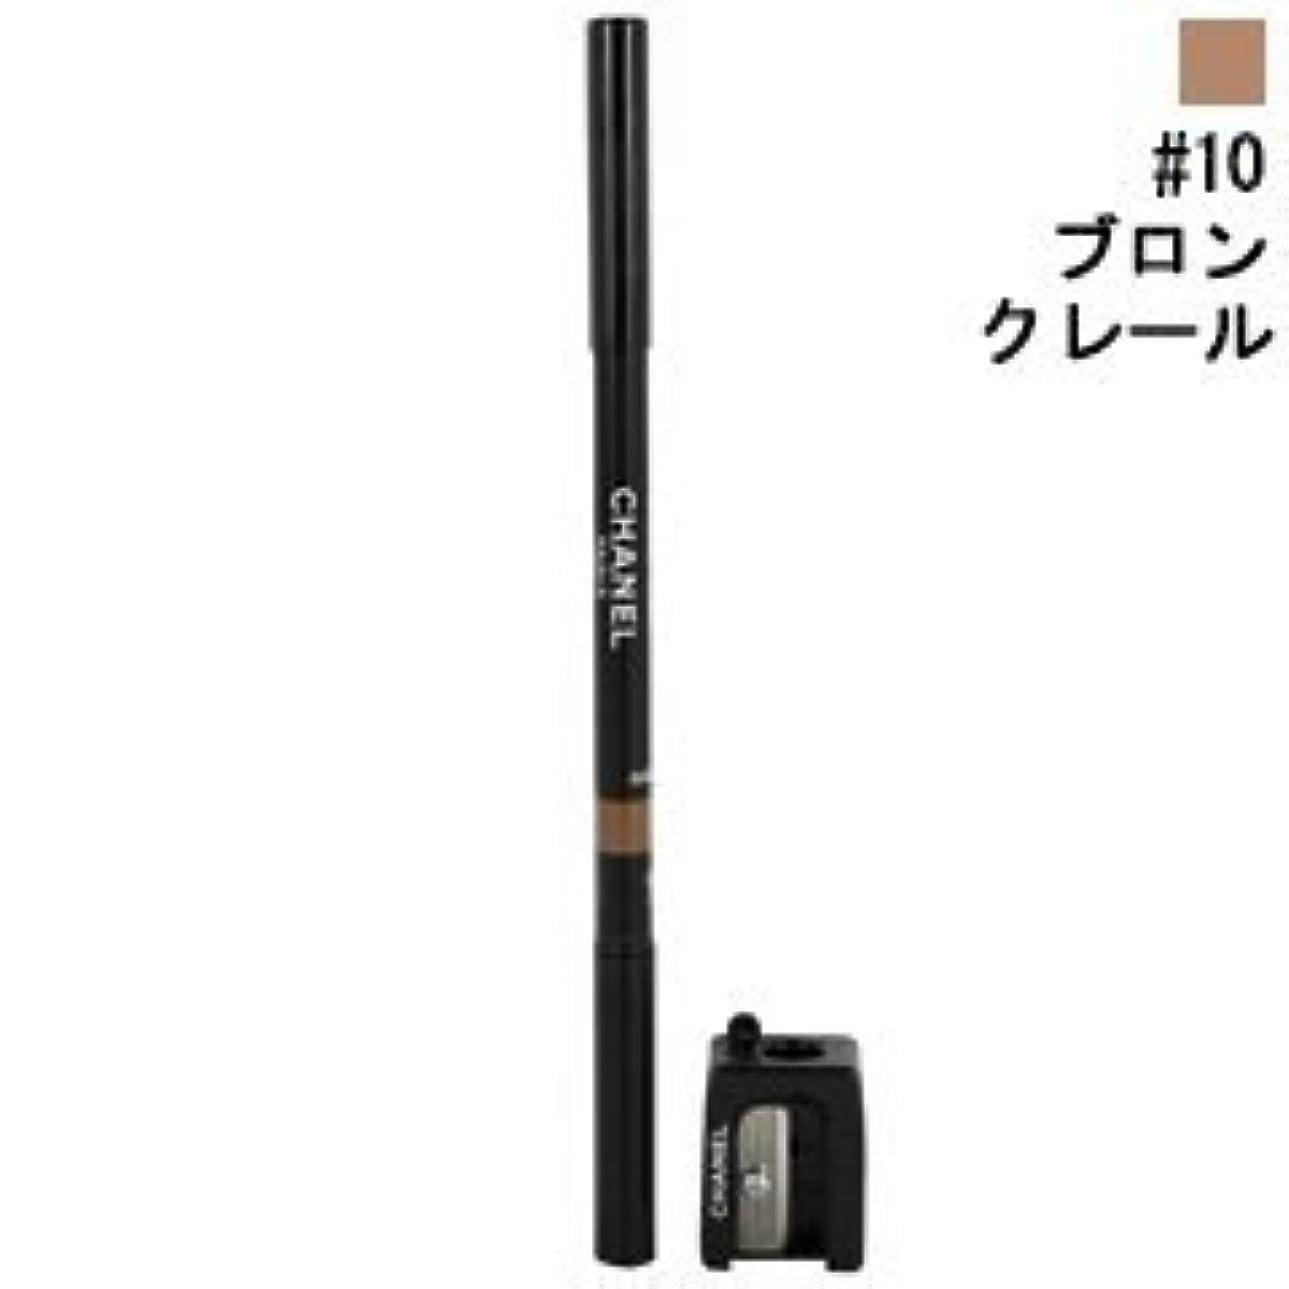 すべき素朴な先生【シャネル】クレイヨン スルスィル #10 ブロン クレール 1g (並行輸入品)